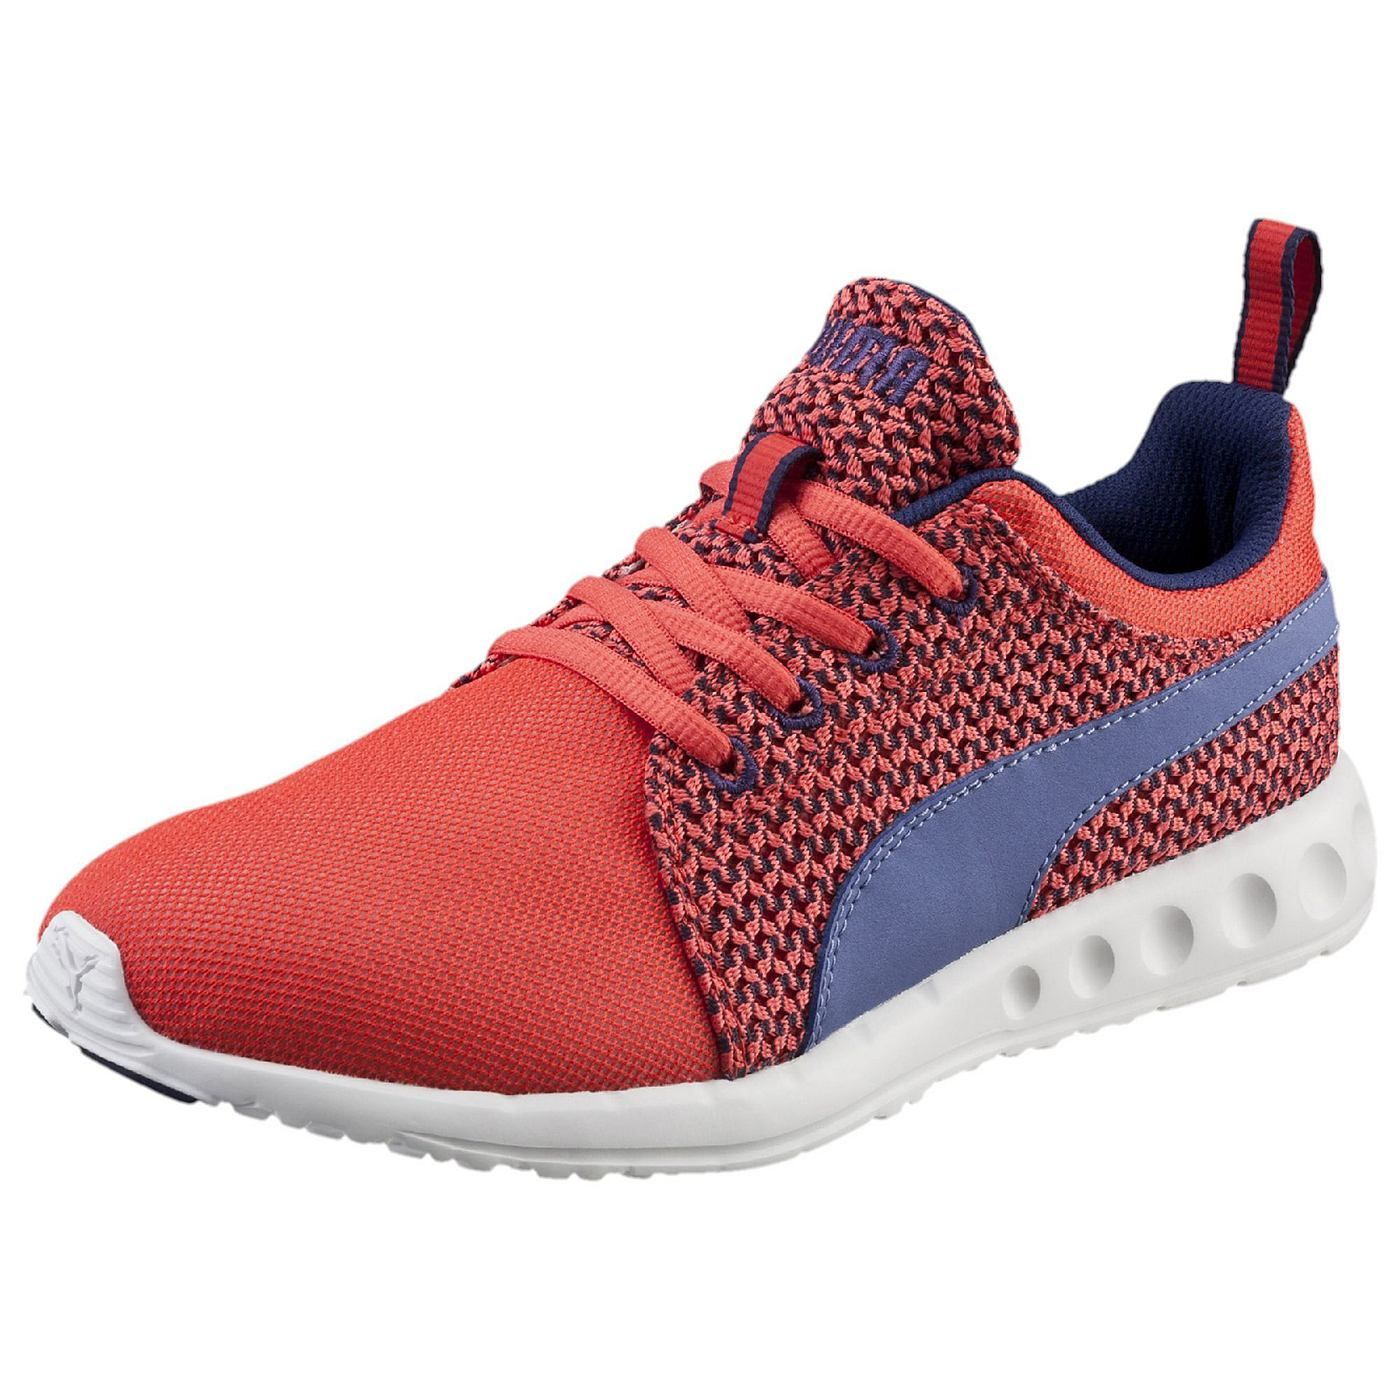 Puma Sneaker CARSON RUNNER KNIT Weiss Damen Sneakers Schuhe